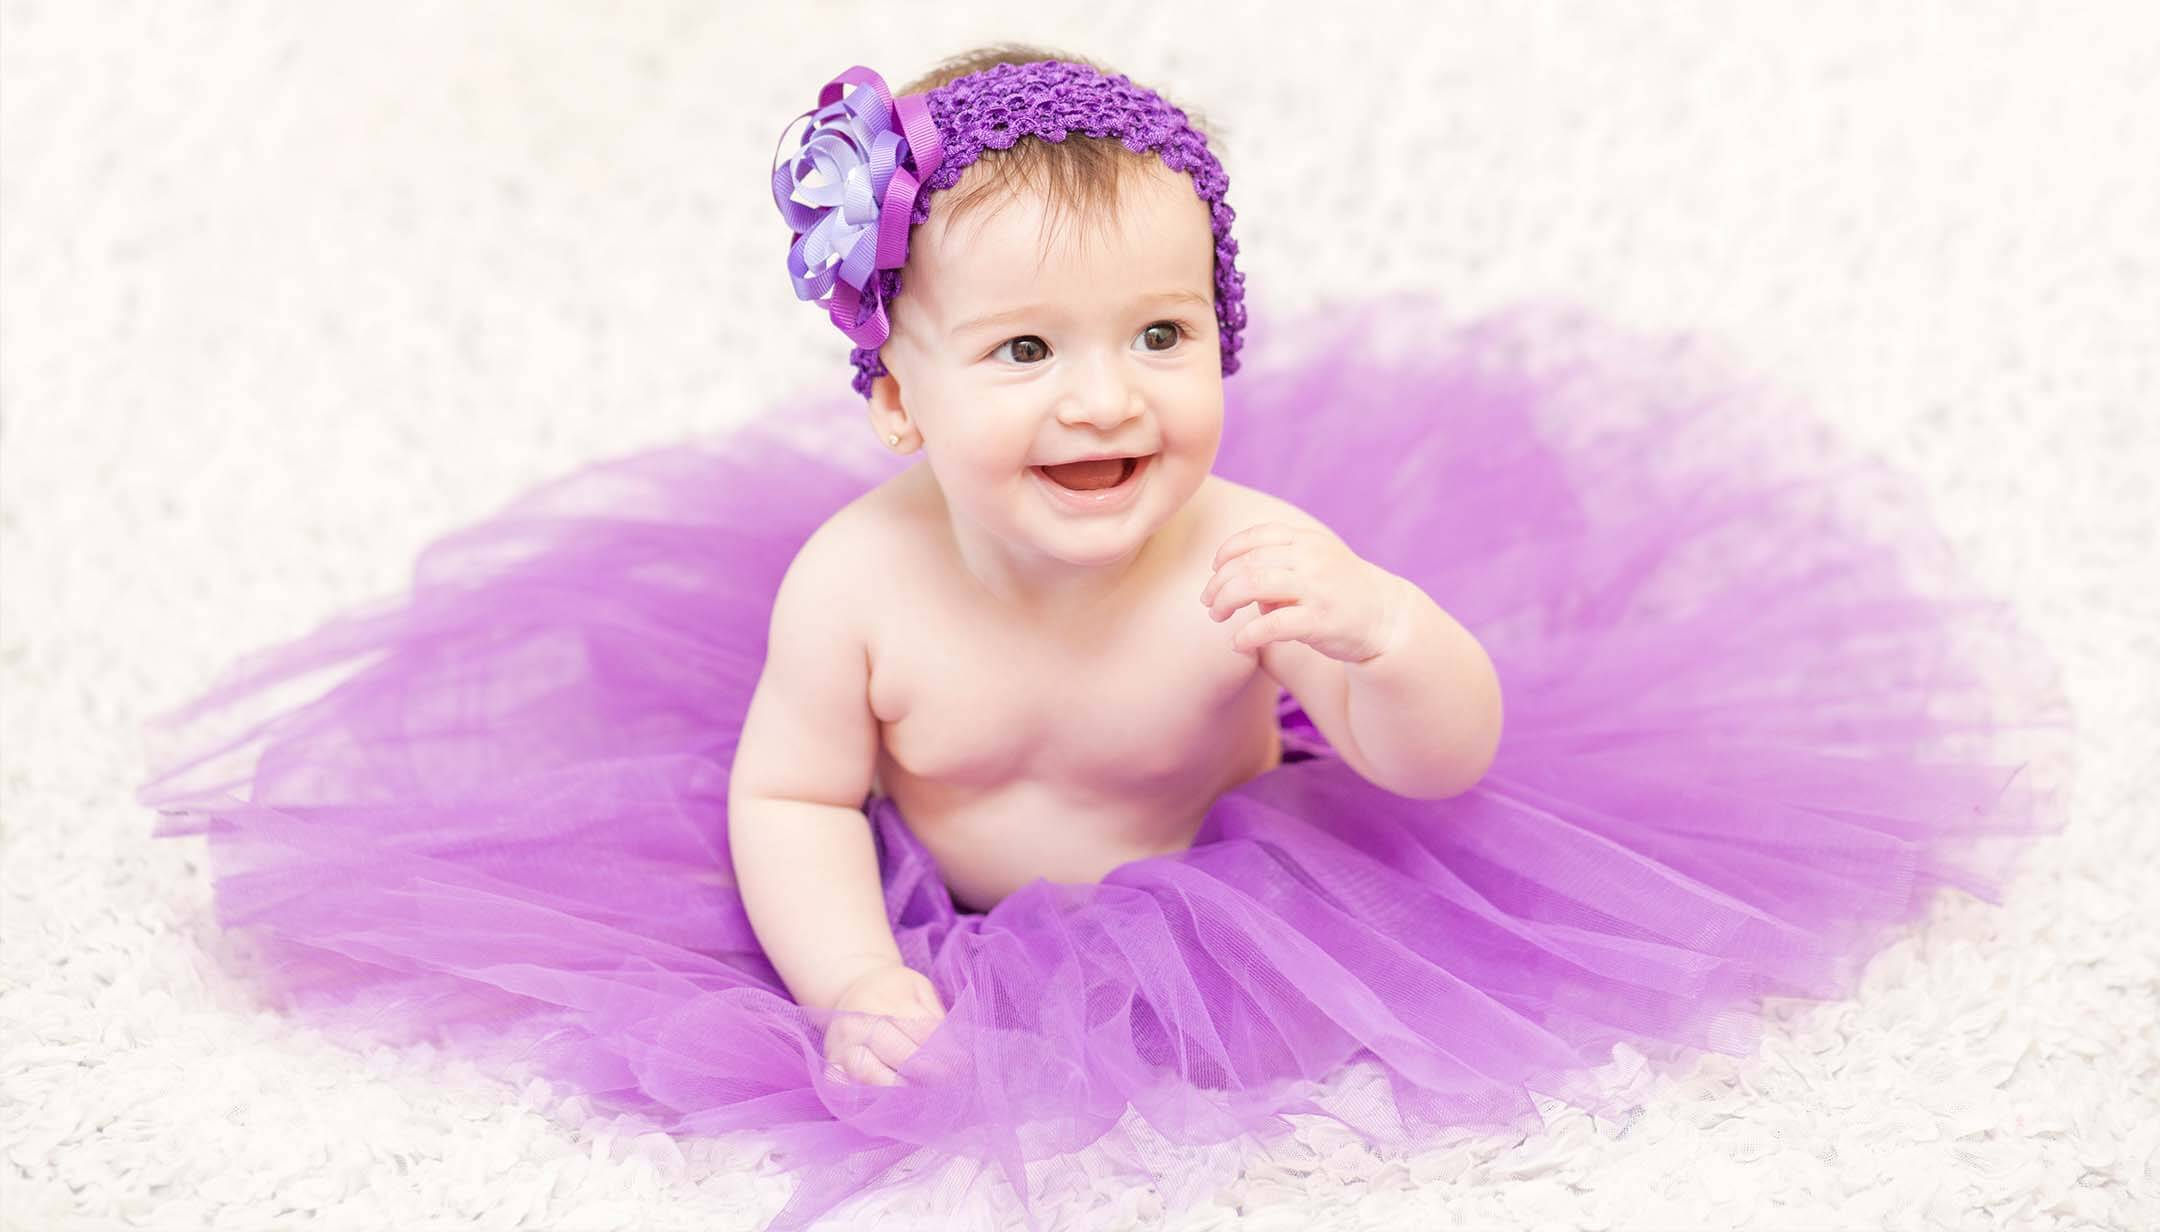 Nel fare foto artistiche al bebè, è importante farlo risaltare sullo sfondo